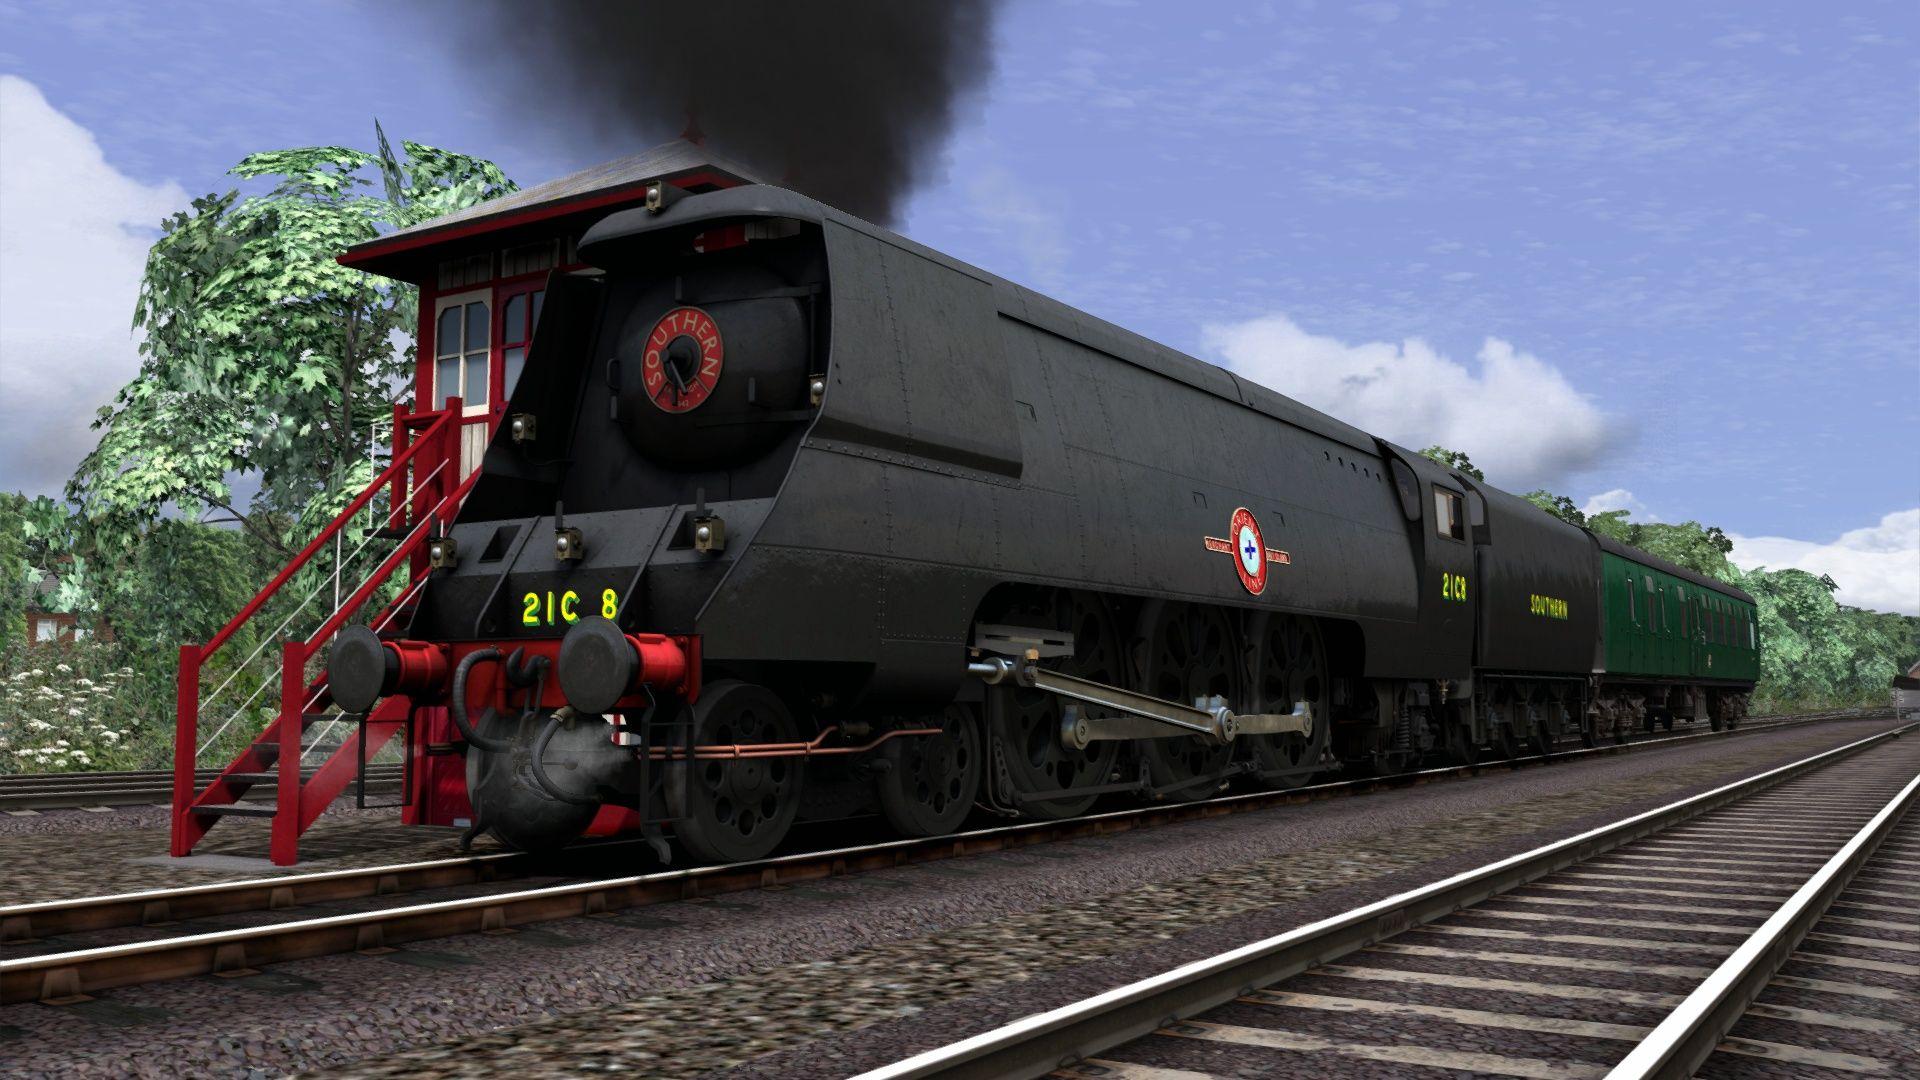 Screenshot_Settle to Carlisle_54.58214--2.48973_17-00-04.jpg